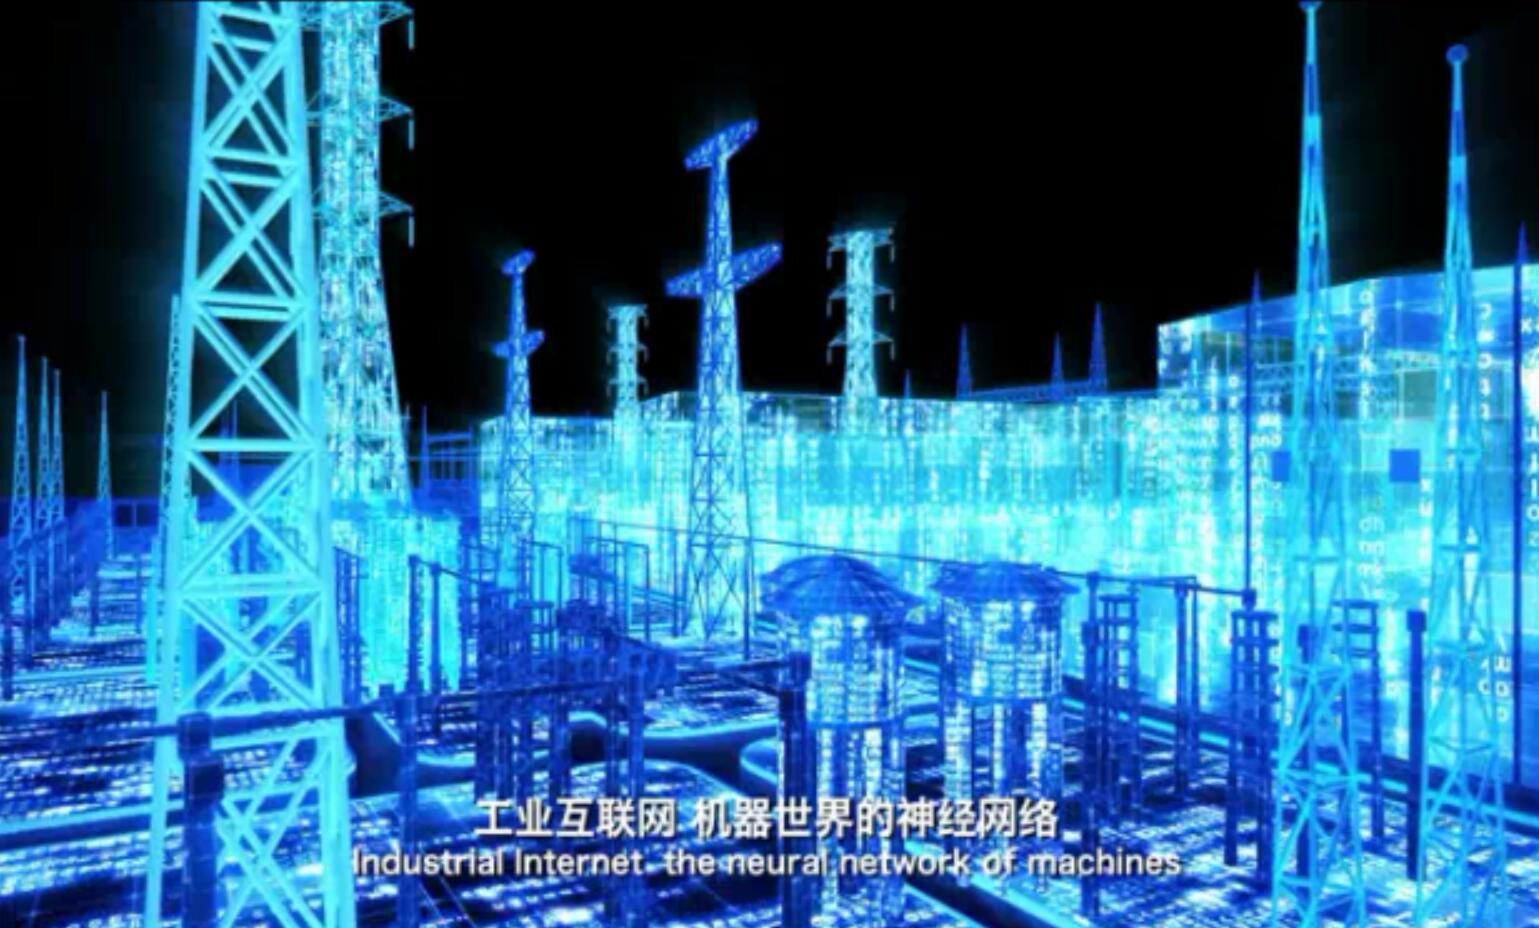 工业互联网——机器世界的神经网络